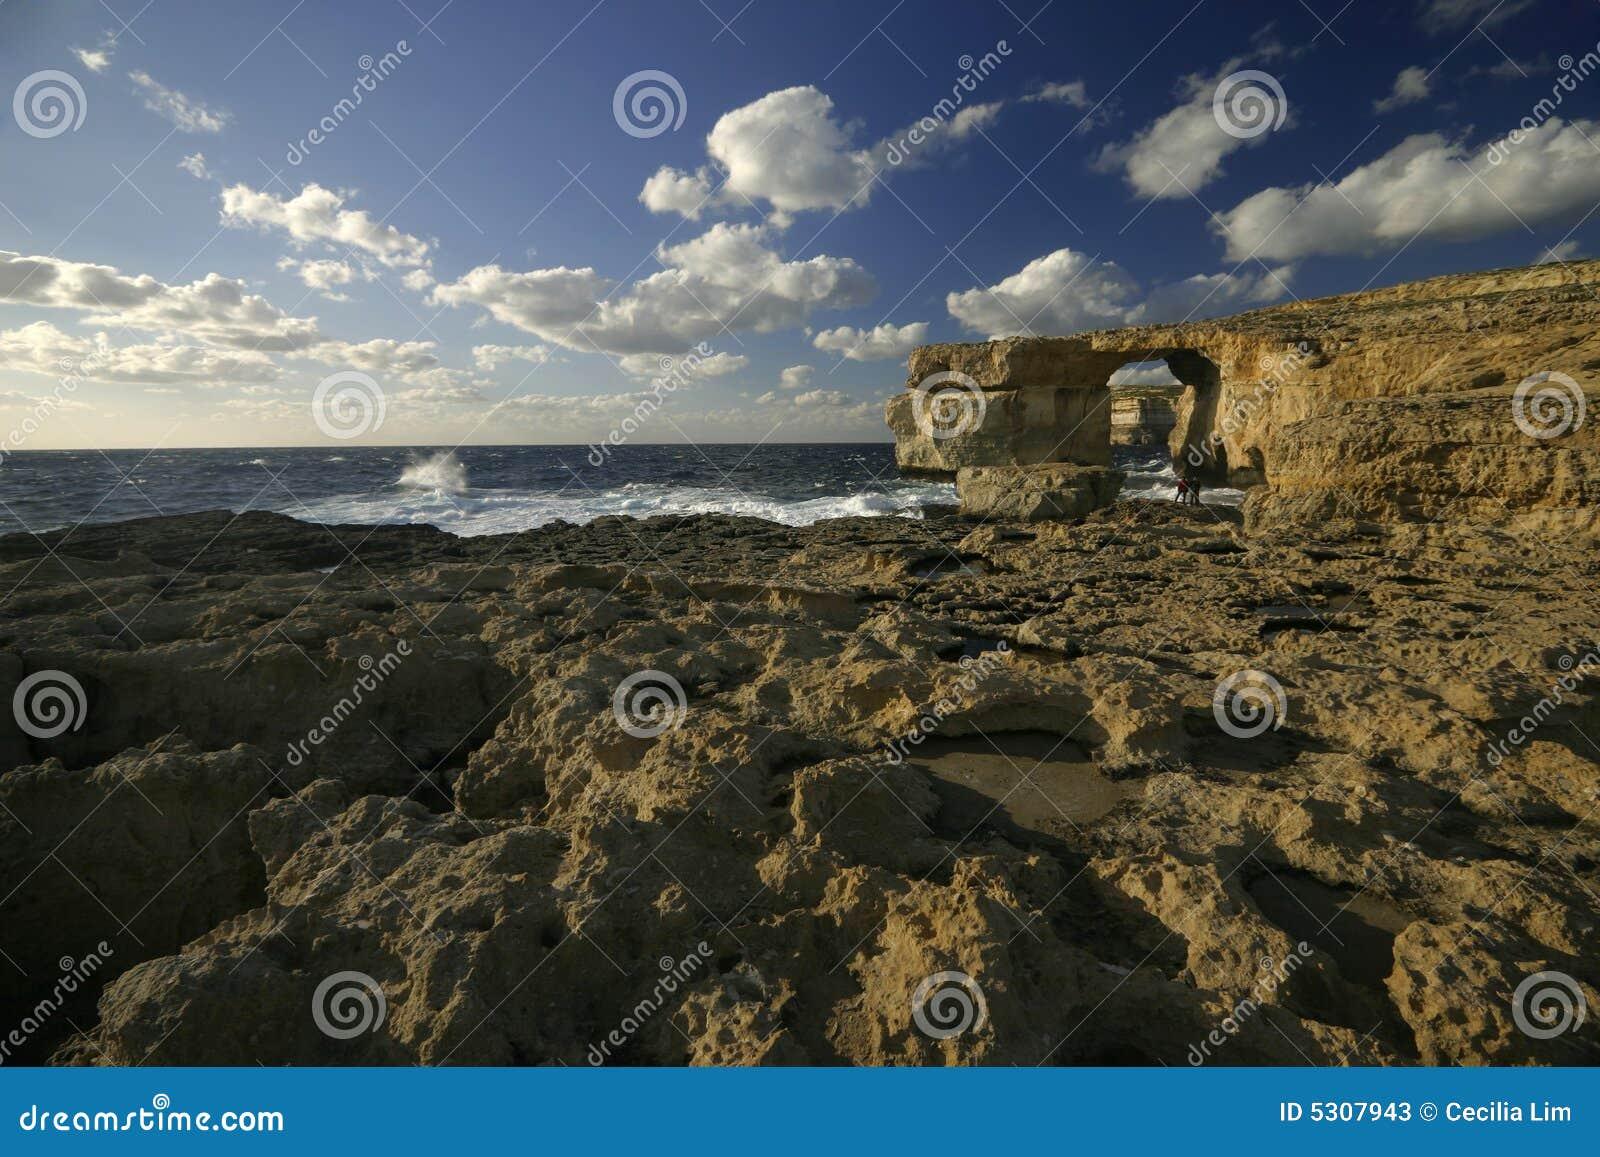 Download Finestra Azzurrata, Isola Di Gozo, Malta Immagine Stock - Immagine di malta, europa: 5307943